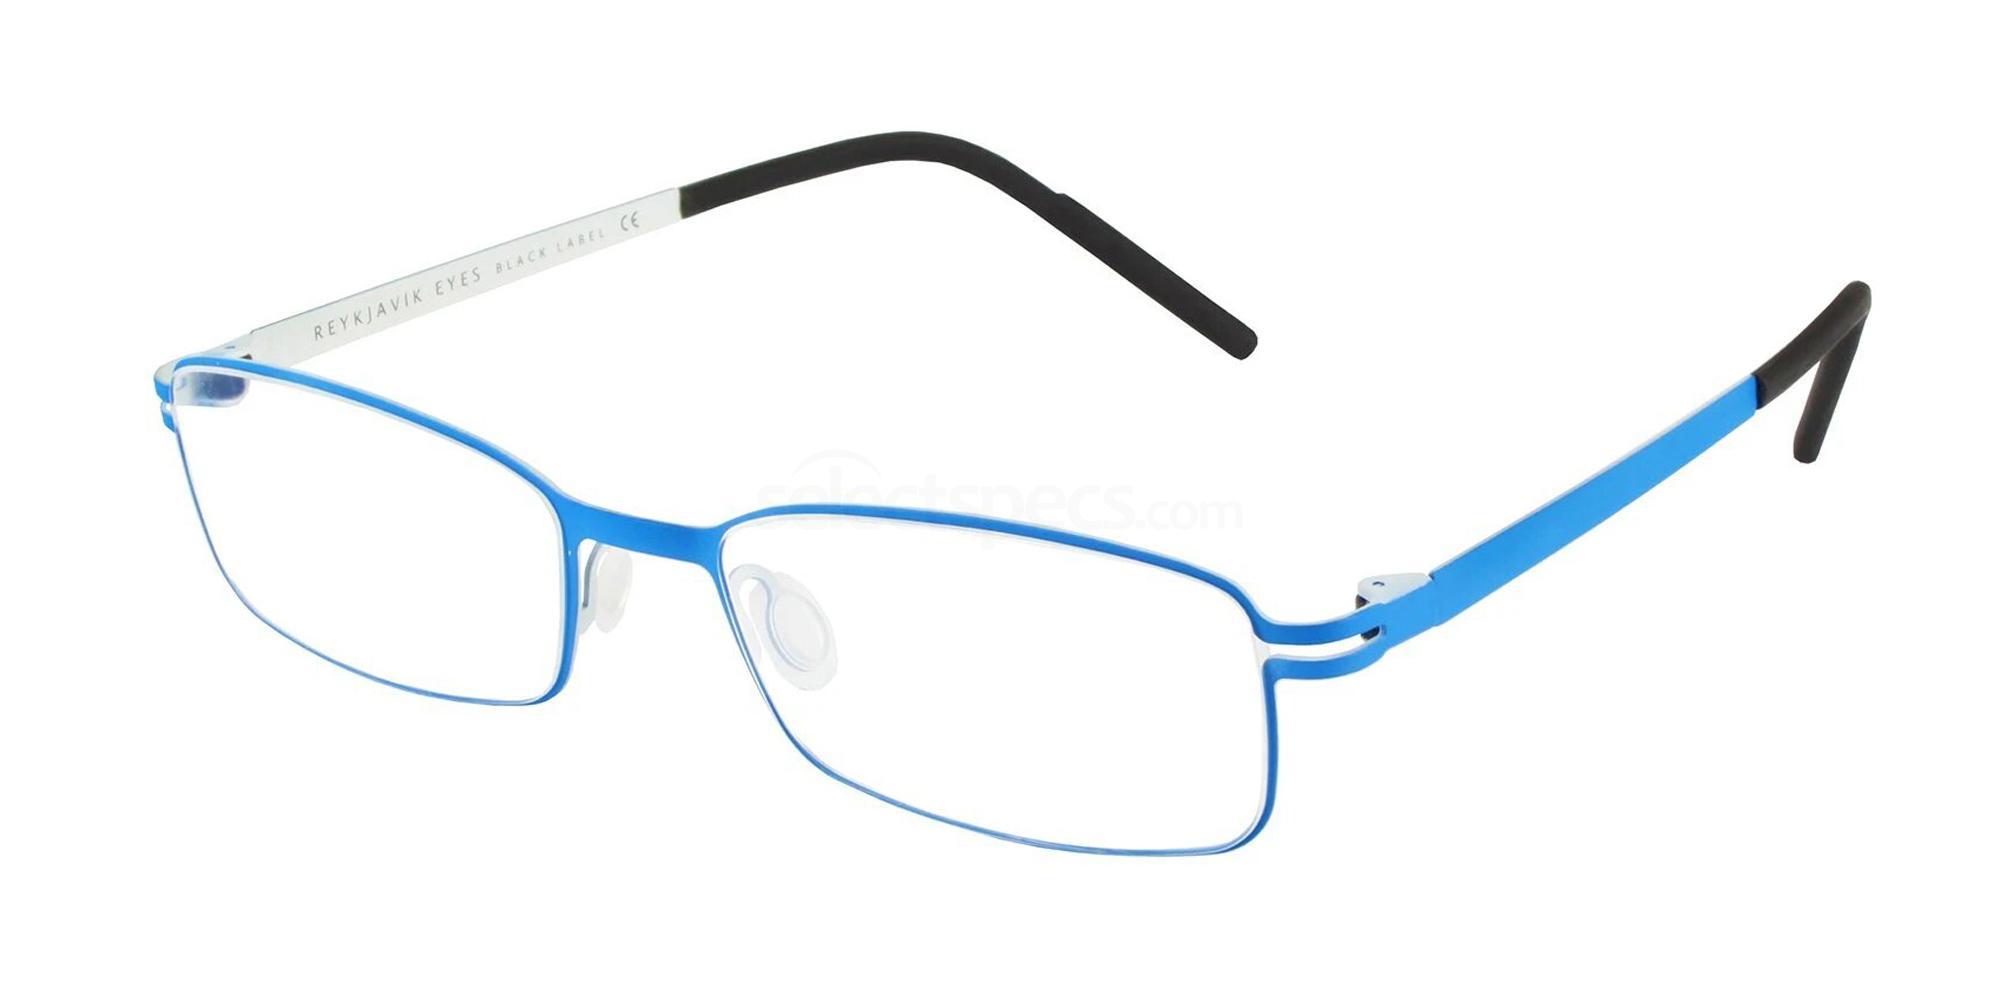 C1 SEFI Glasses, Reykjavik Eyes Black Label